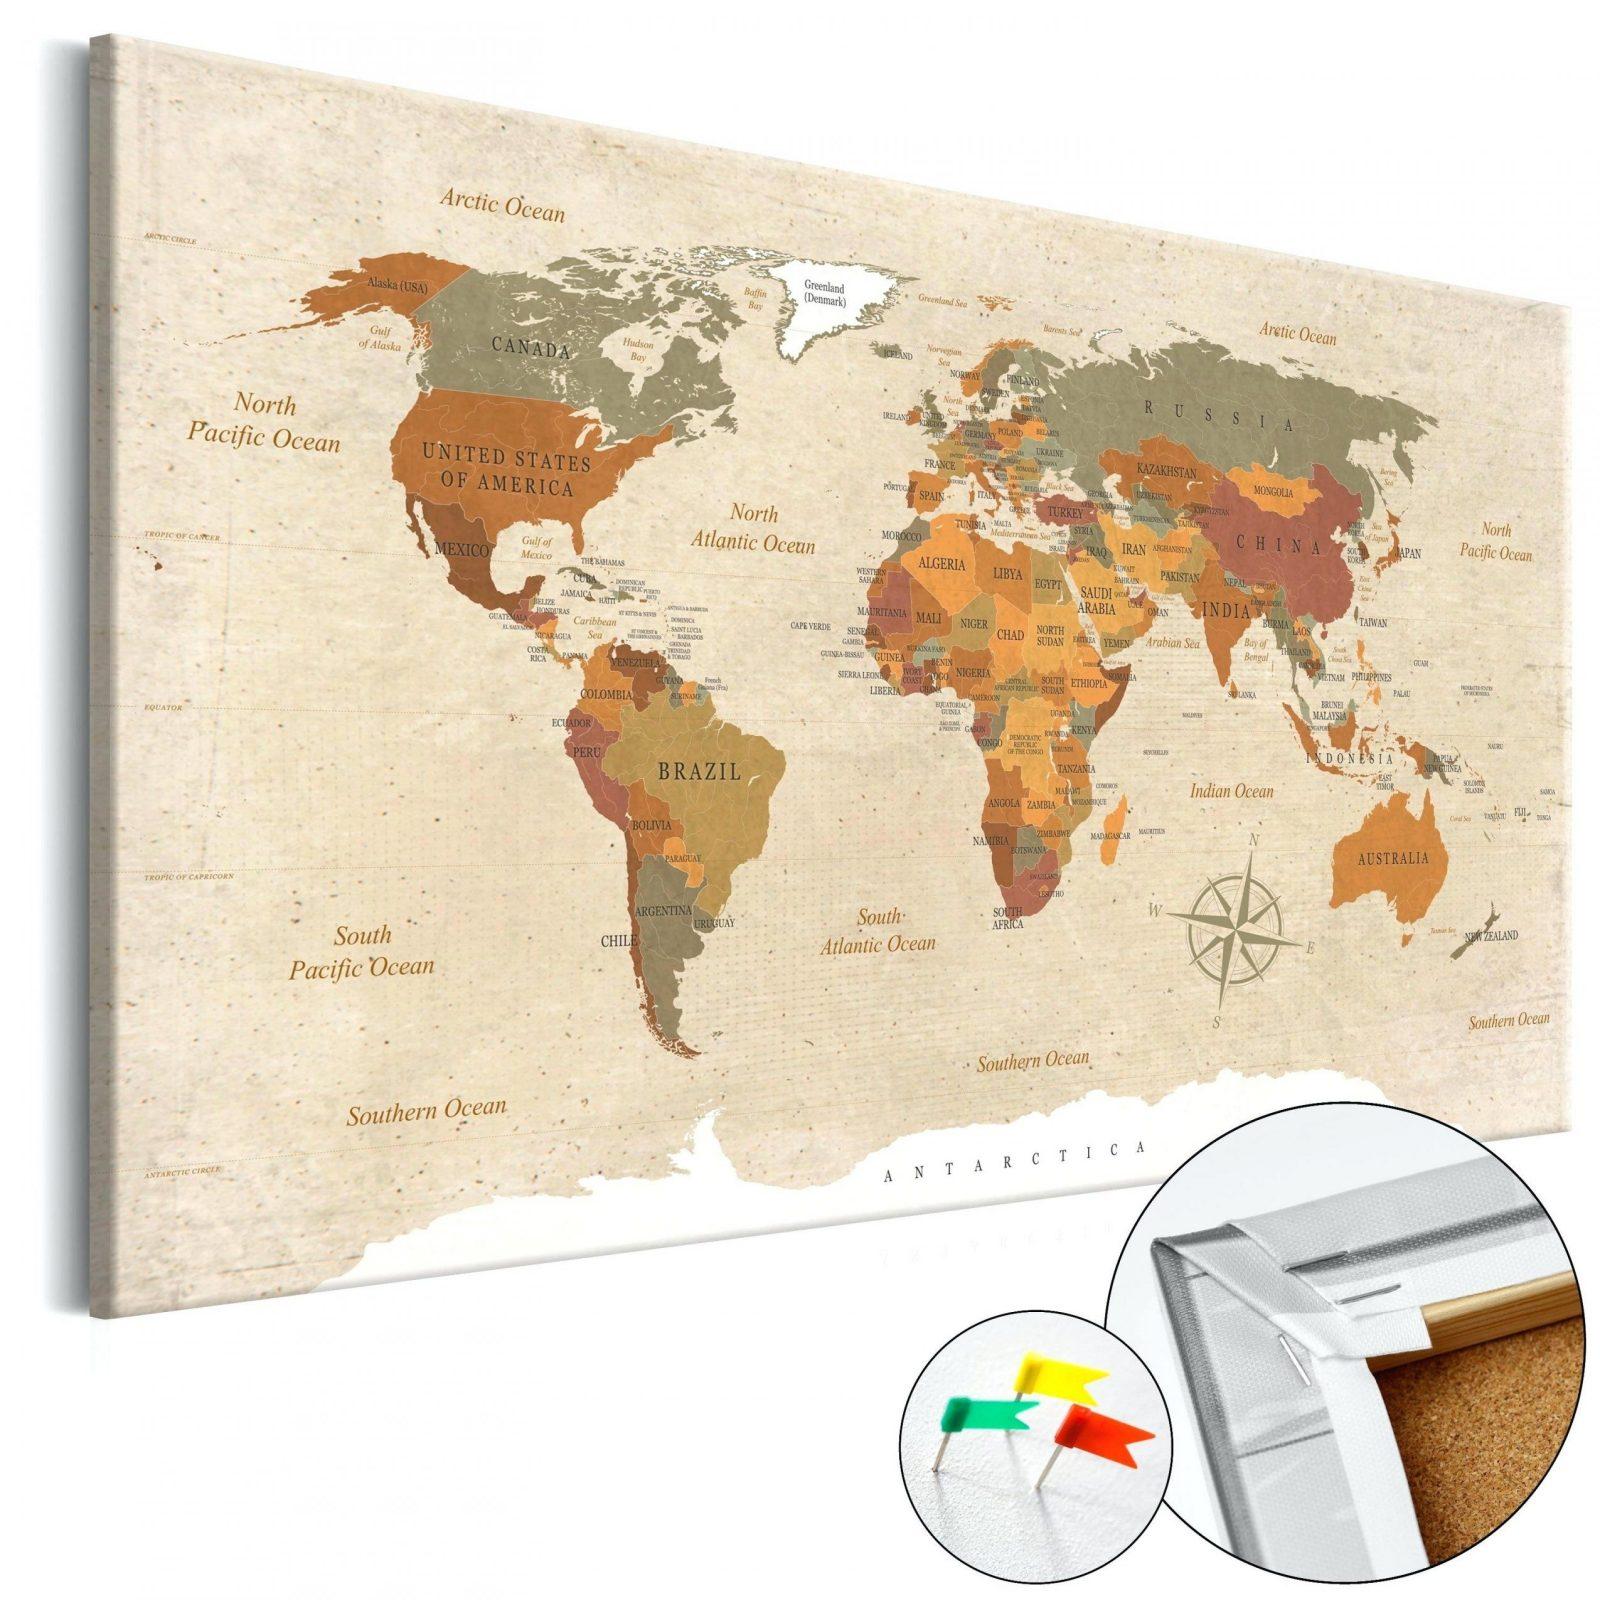 Kork Pinnwand Weltkarte Wandbilder Landkarte Leinwand Bilder Xxl von Weltkarte Kork Selber Machen Photo